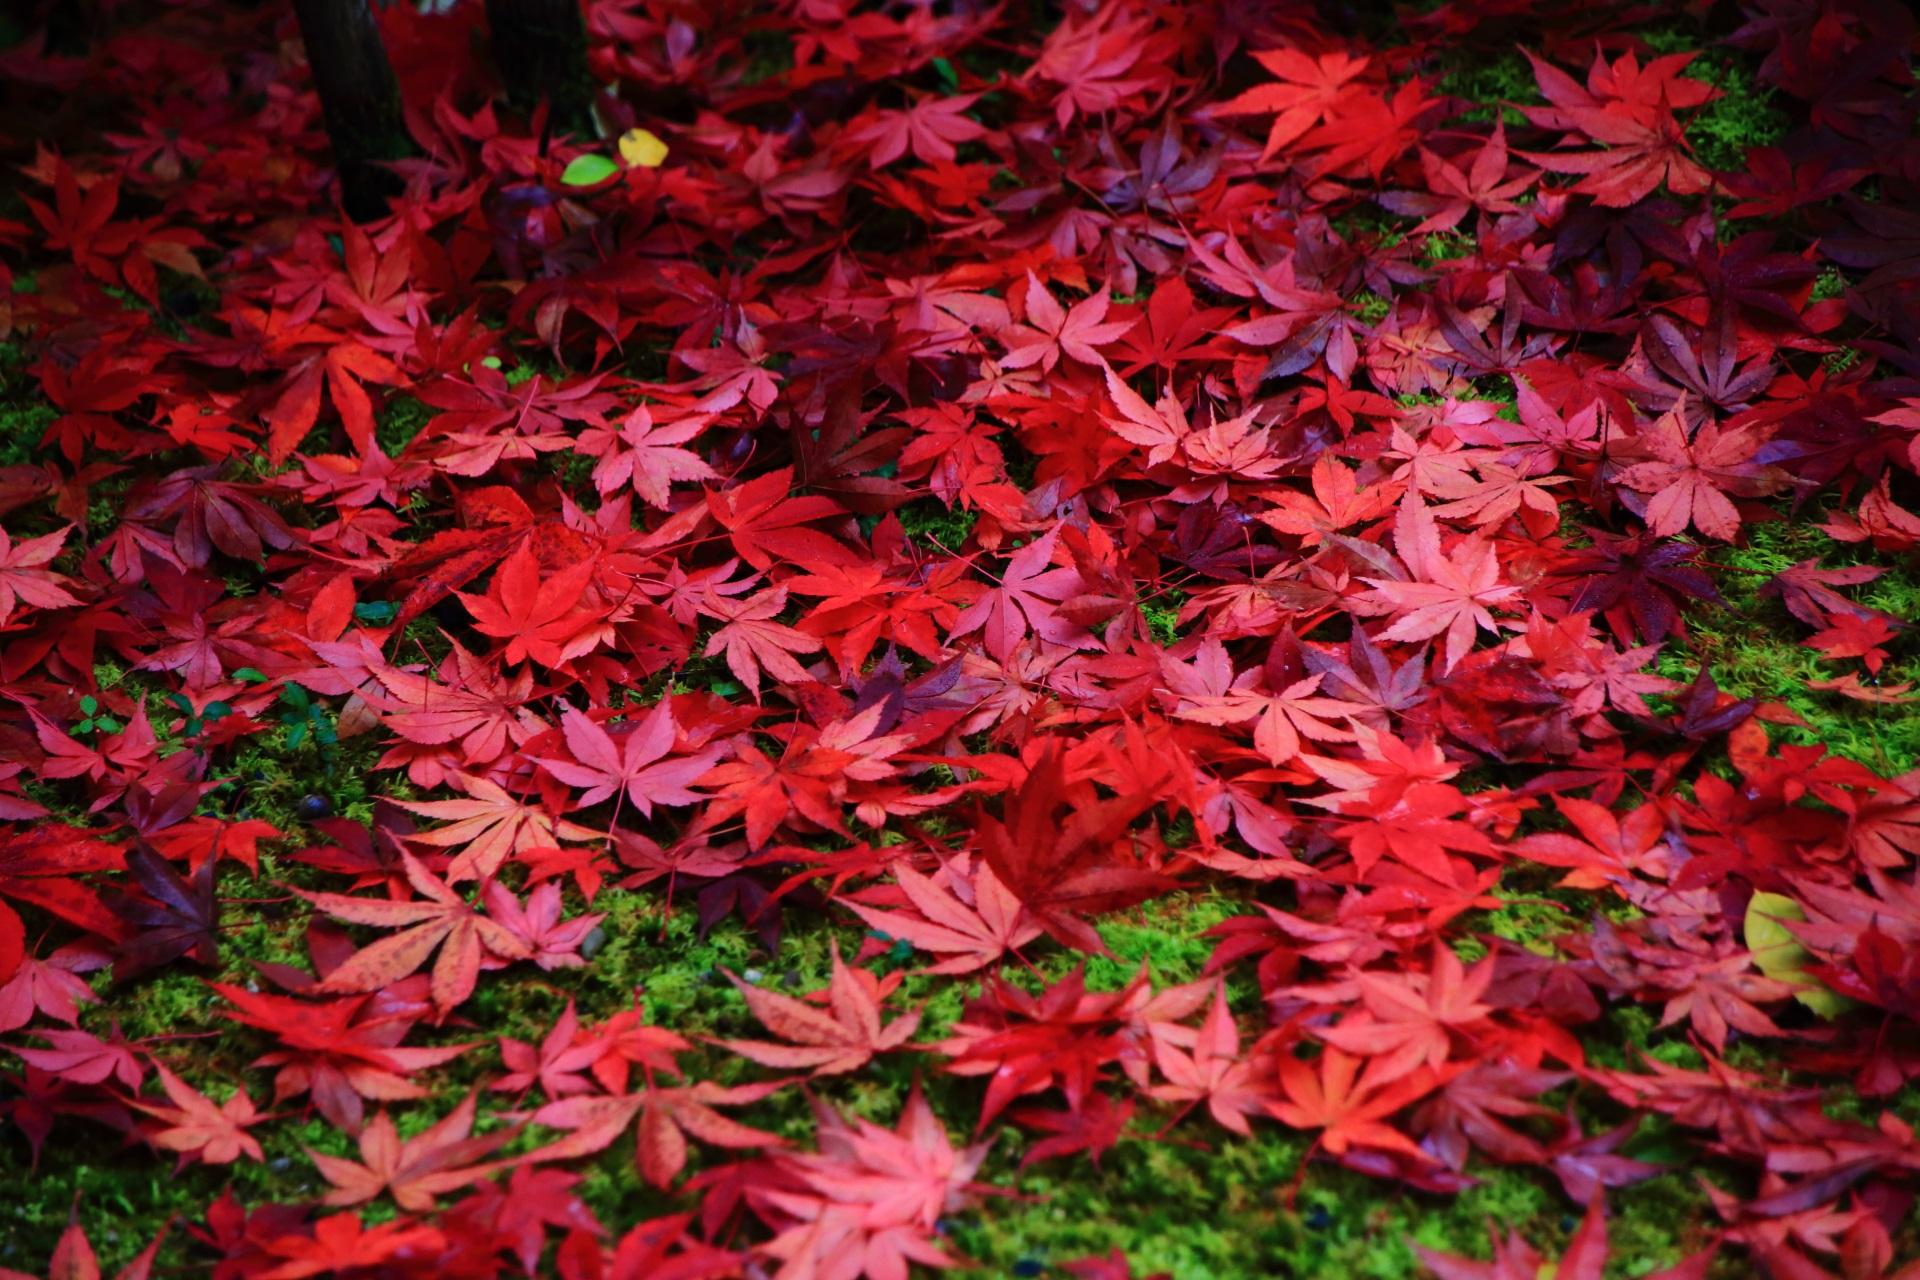 光悦寺 散り紅葉 京都鷹峯の風情ある秋の彩り